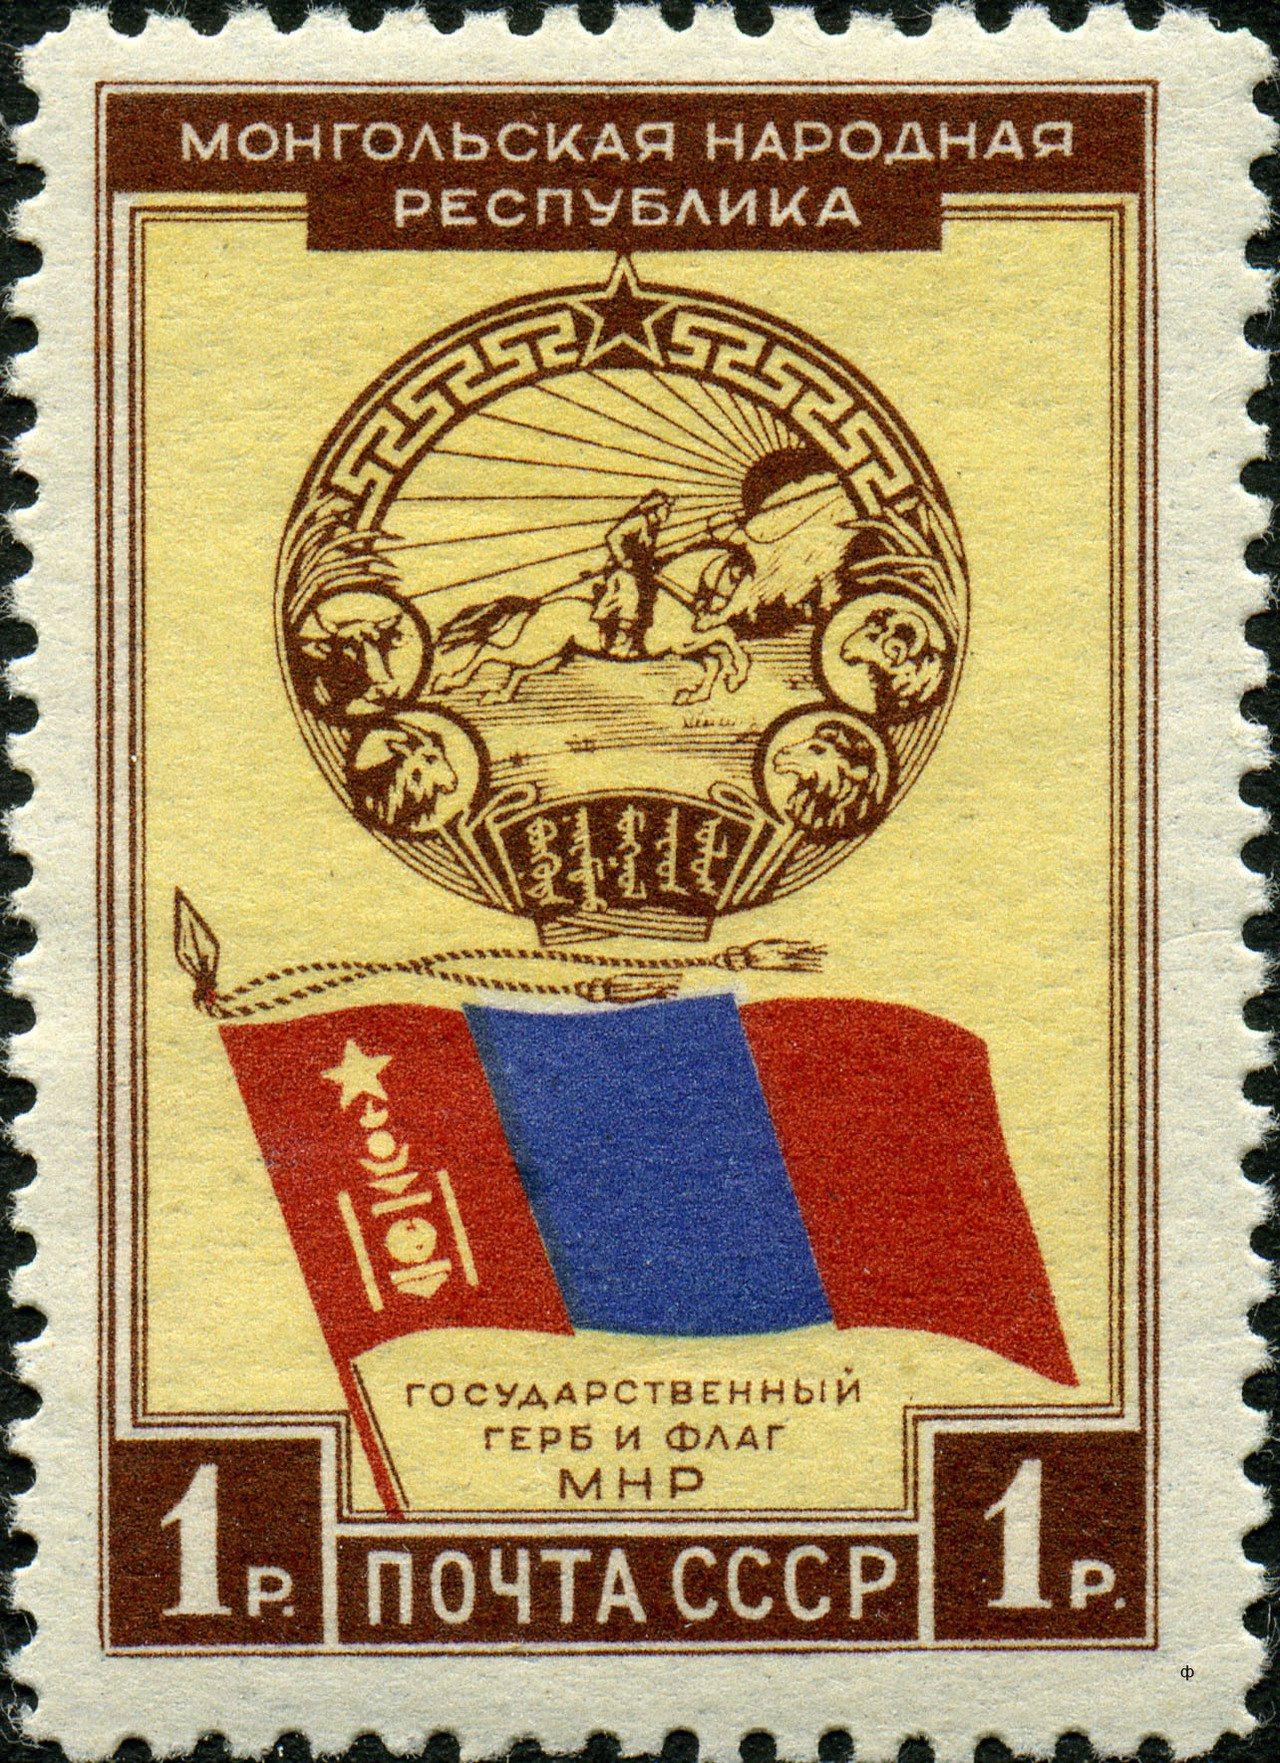 為求保存「大蒙古帝國」主體性的外蒙古,選擇「親俄反中」來擺脫清治時期漢族中心主義...